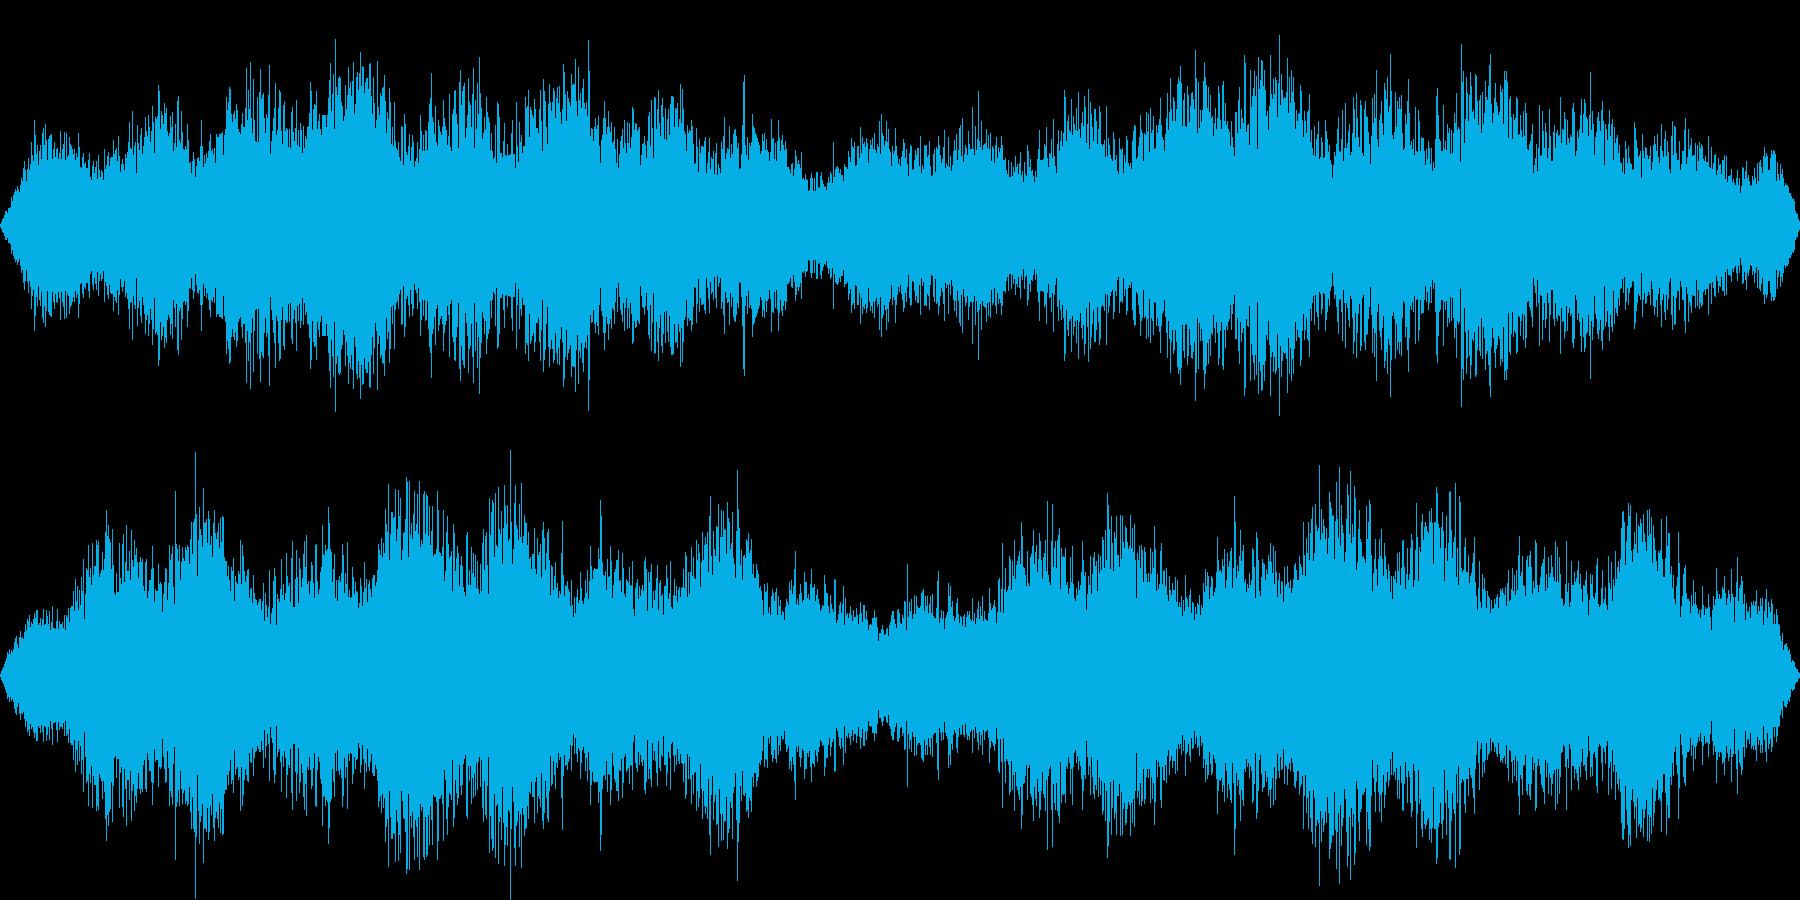 乱気流・ワームホールに吸い込まれる音の再生済みの波形